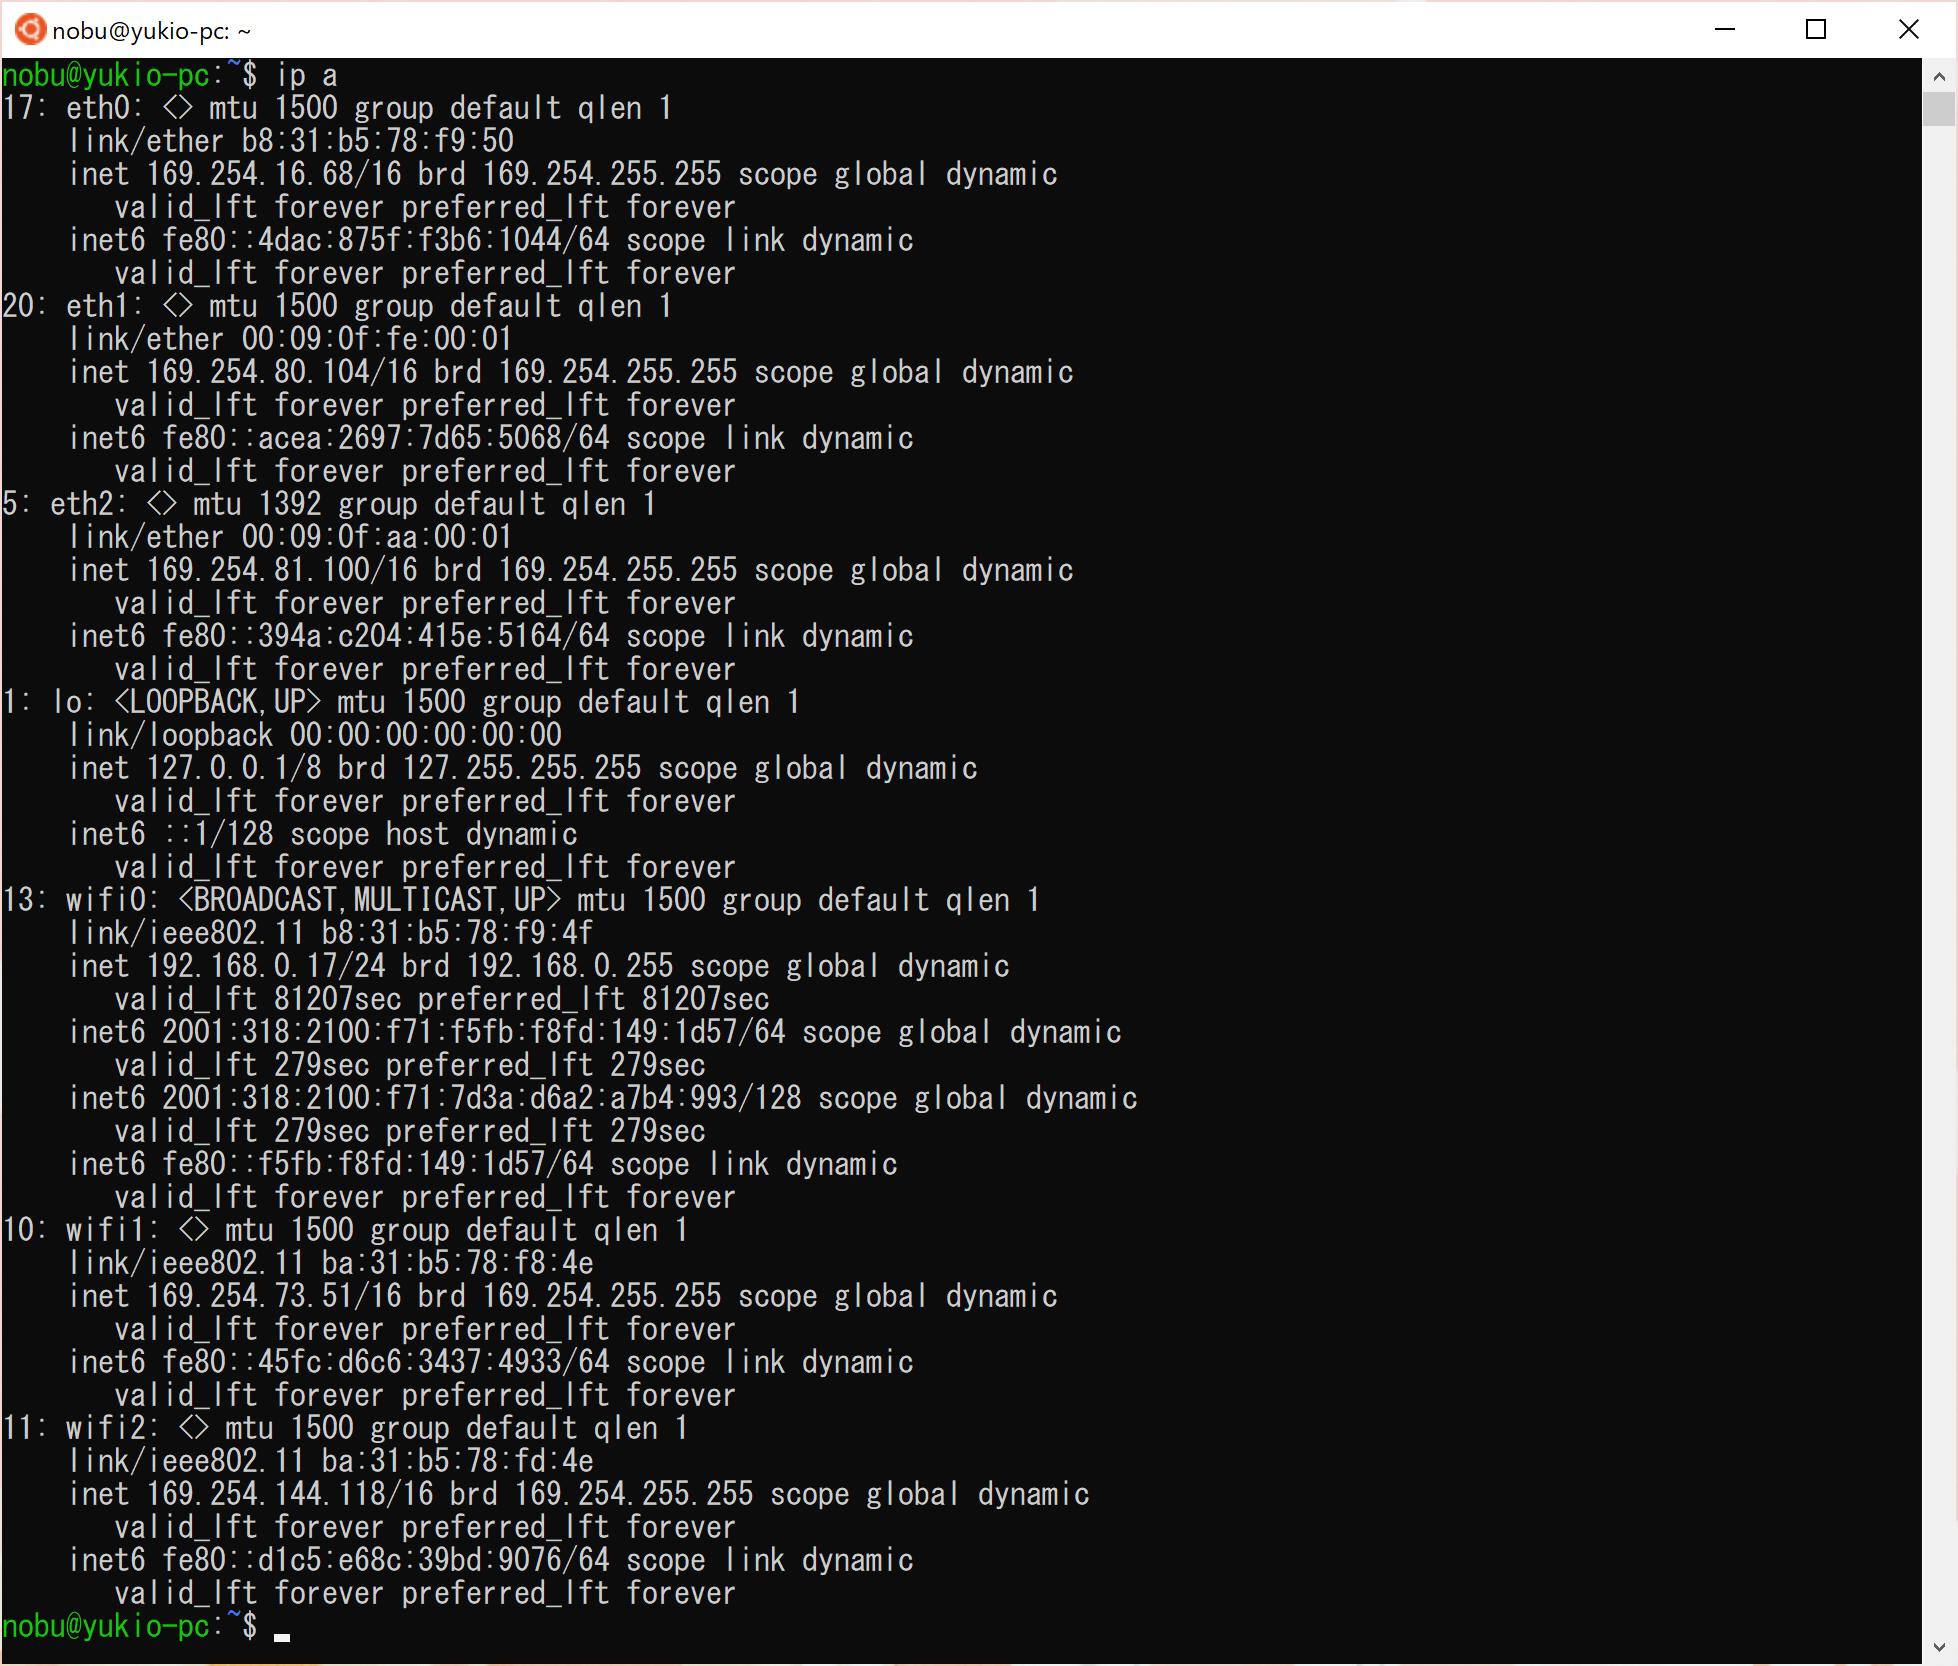 Ubuntu 20.04 LTSのコンソール画面でIPアドレス確認コマンド「ip a」を実行した結果